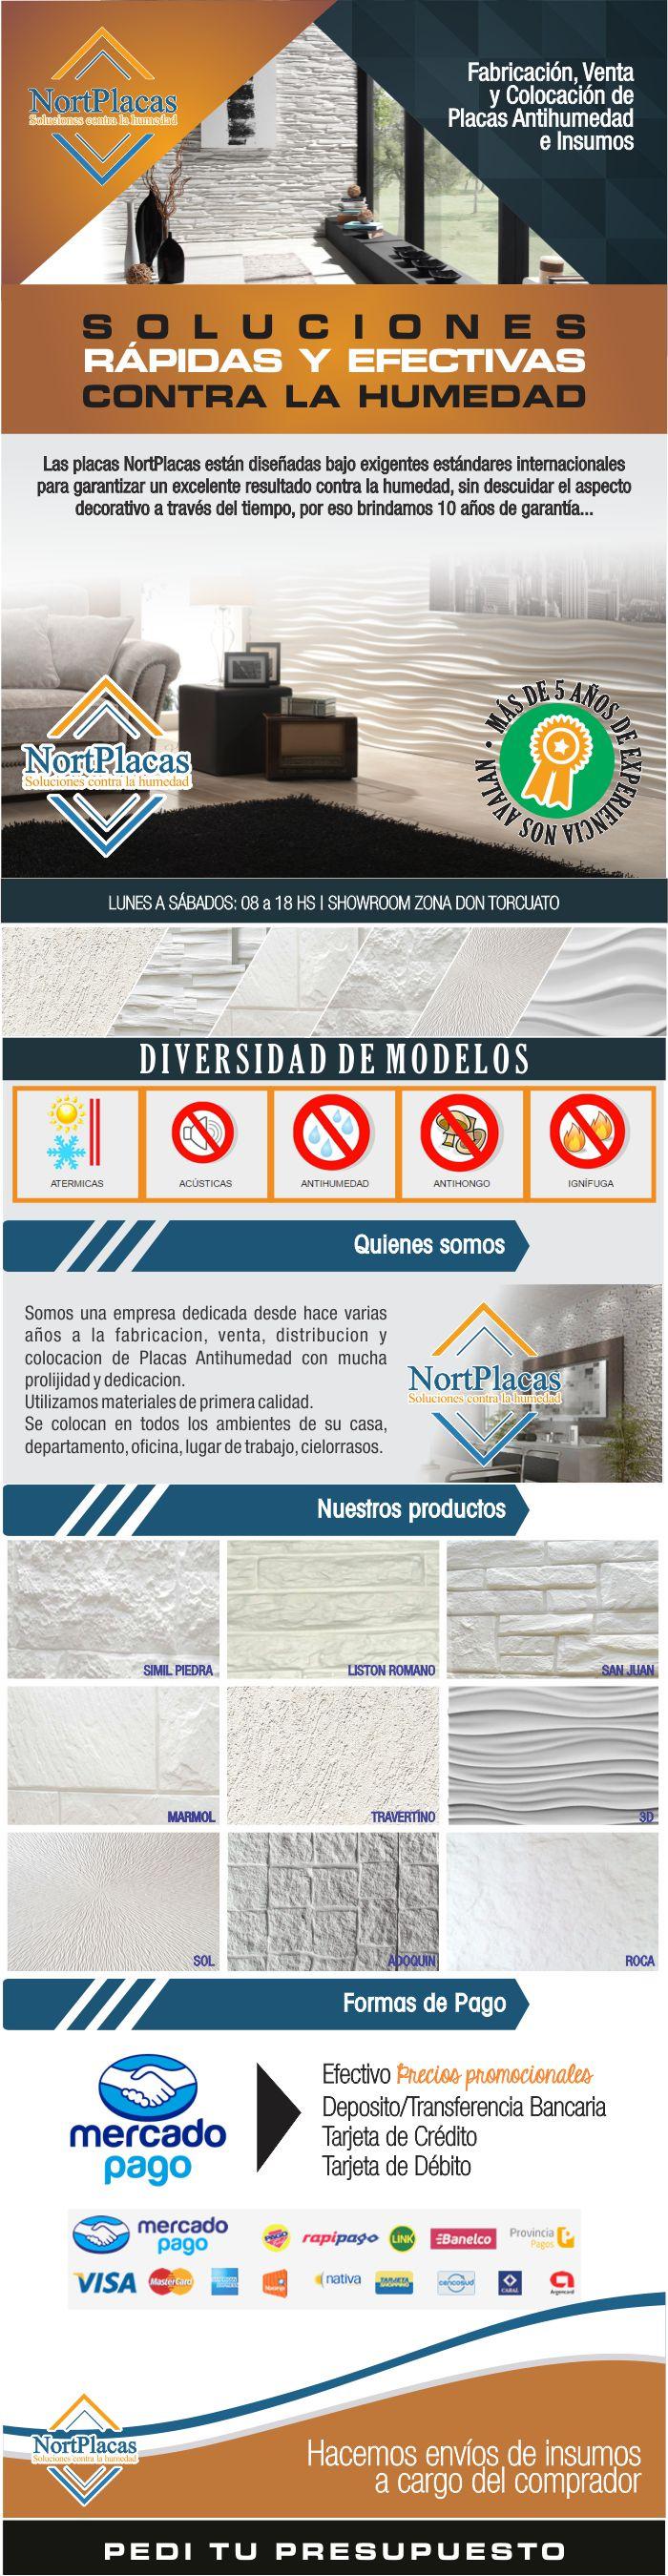 Plantilla Mercado Libre NortPlacas PRODUCTO